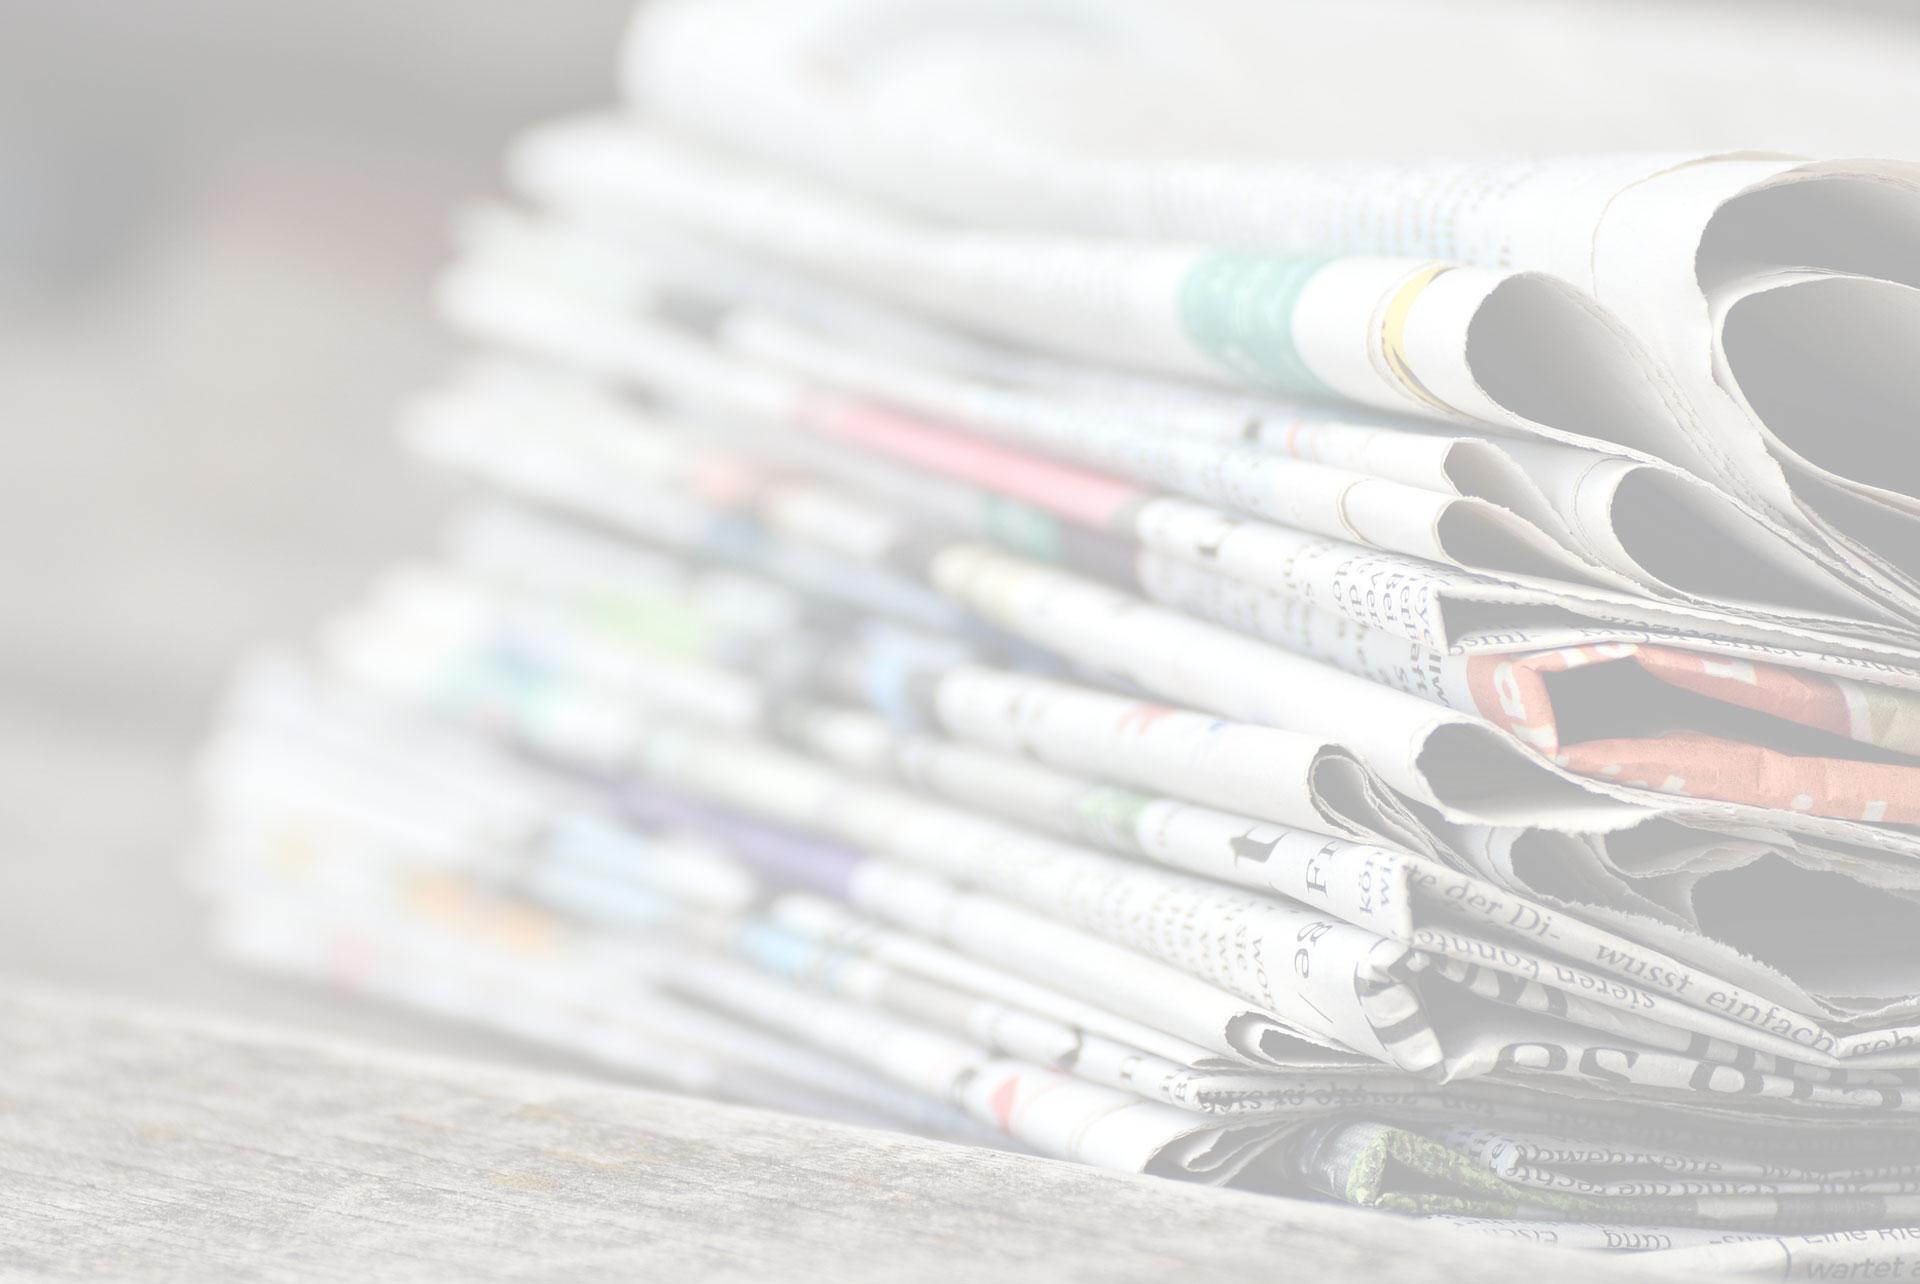 Milan, 1978/79